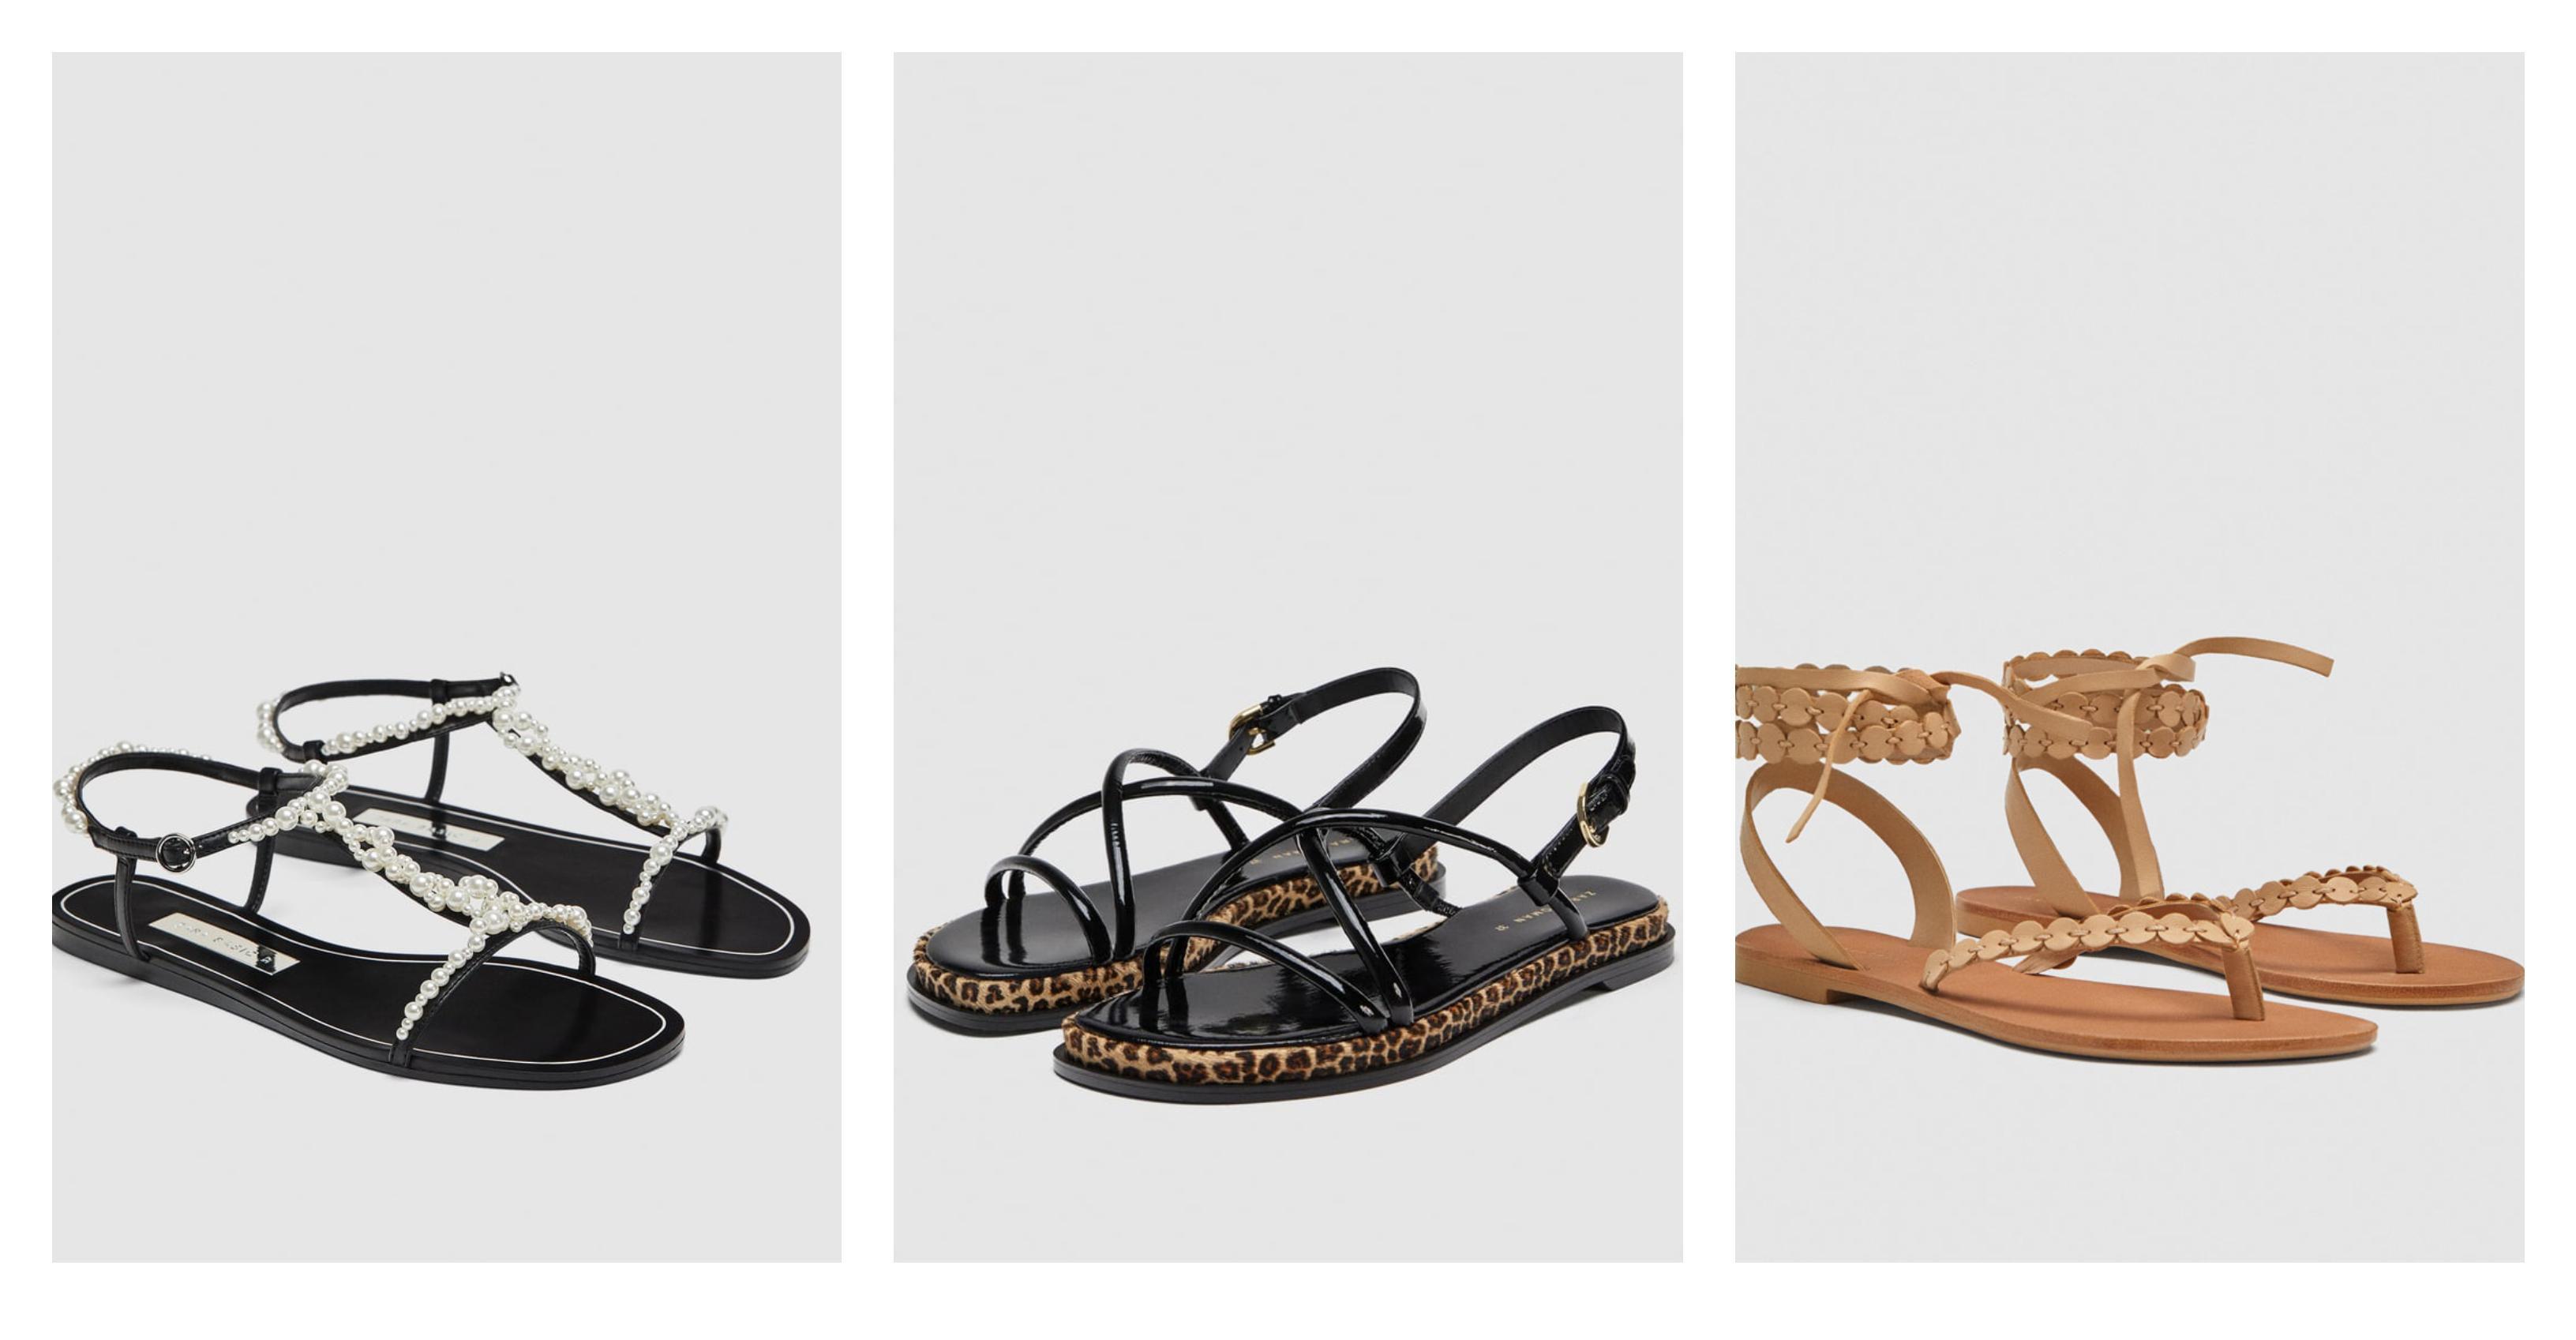 S ravnim nikad nema greške: Izdvojili smo najljepše sandale iz high street ponude